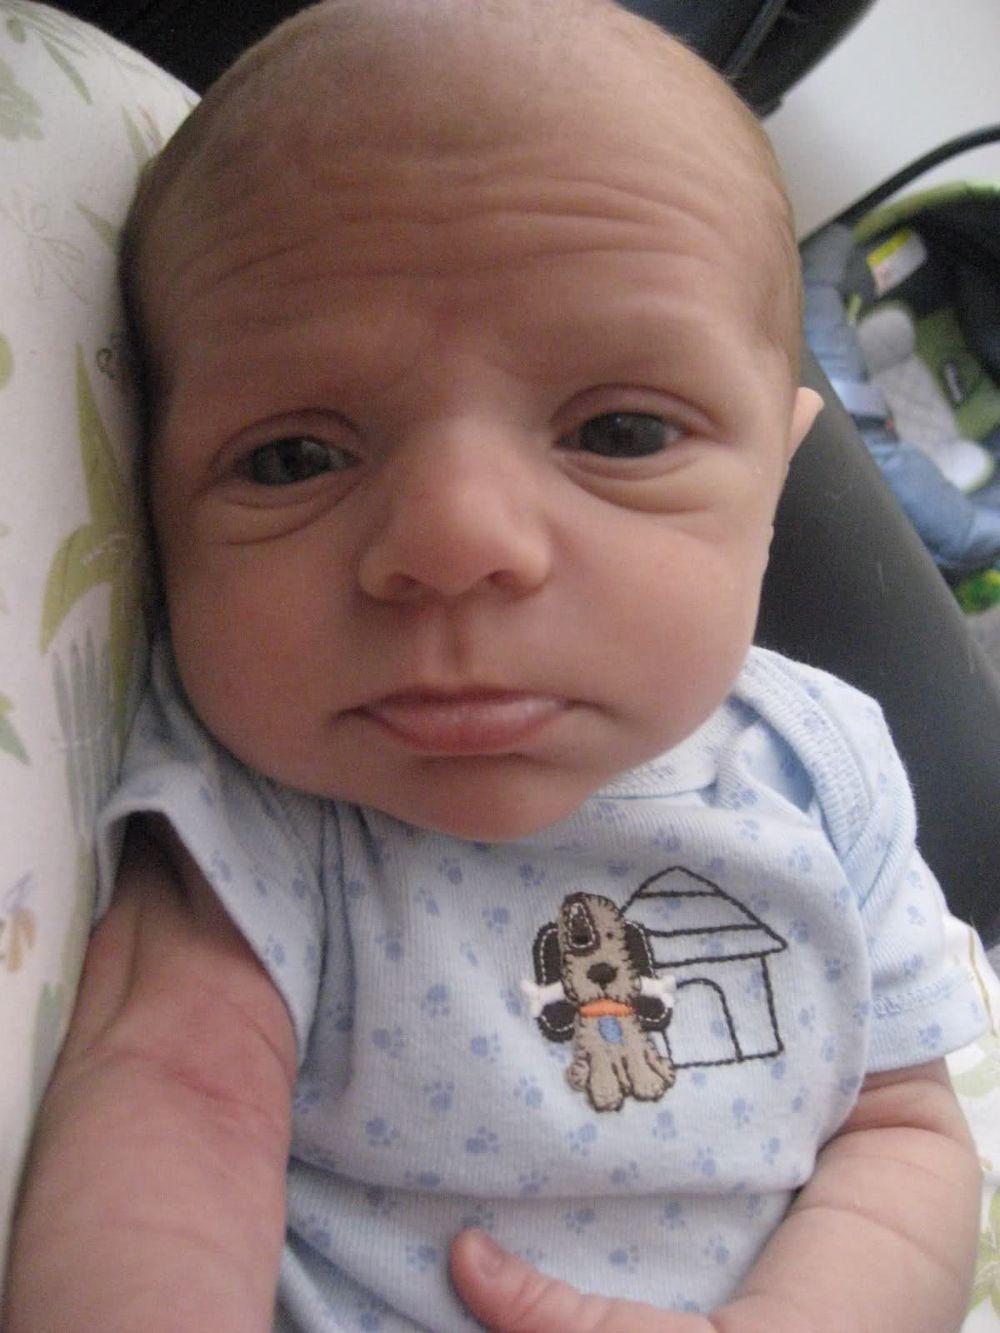 ТОП-10 кумедних малюків, які виглядають старше за свій вік  - фото 5